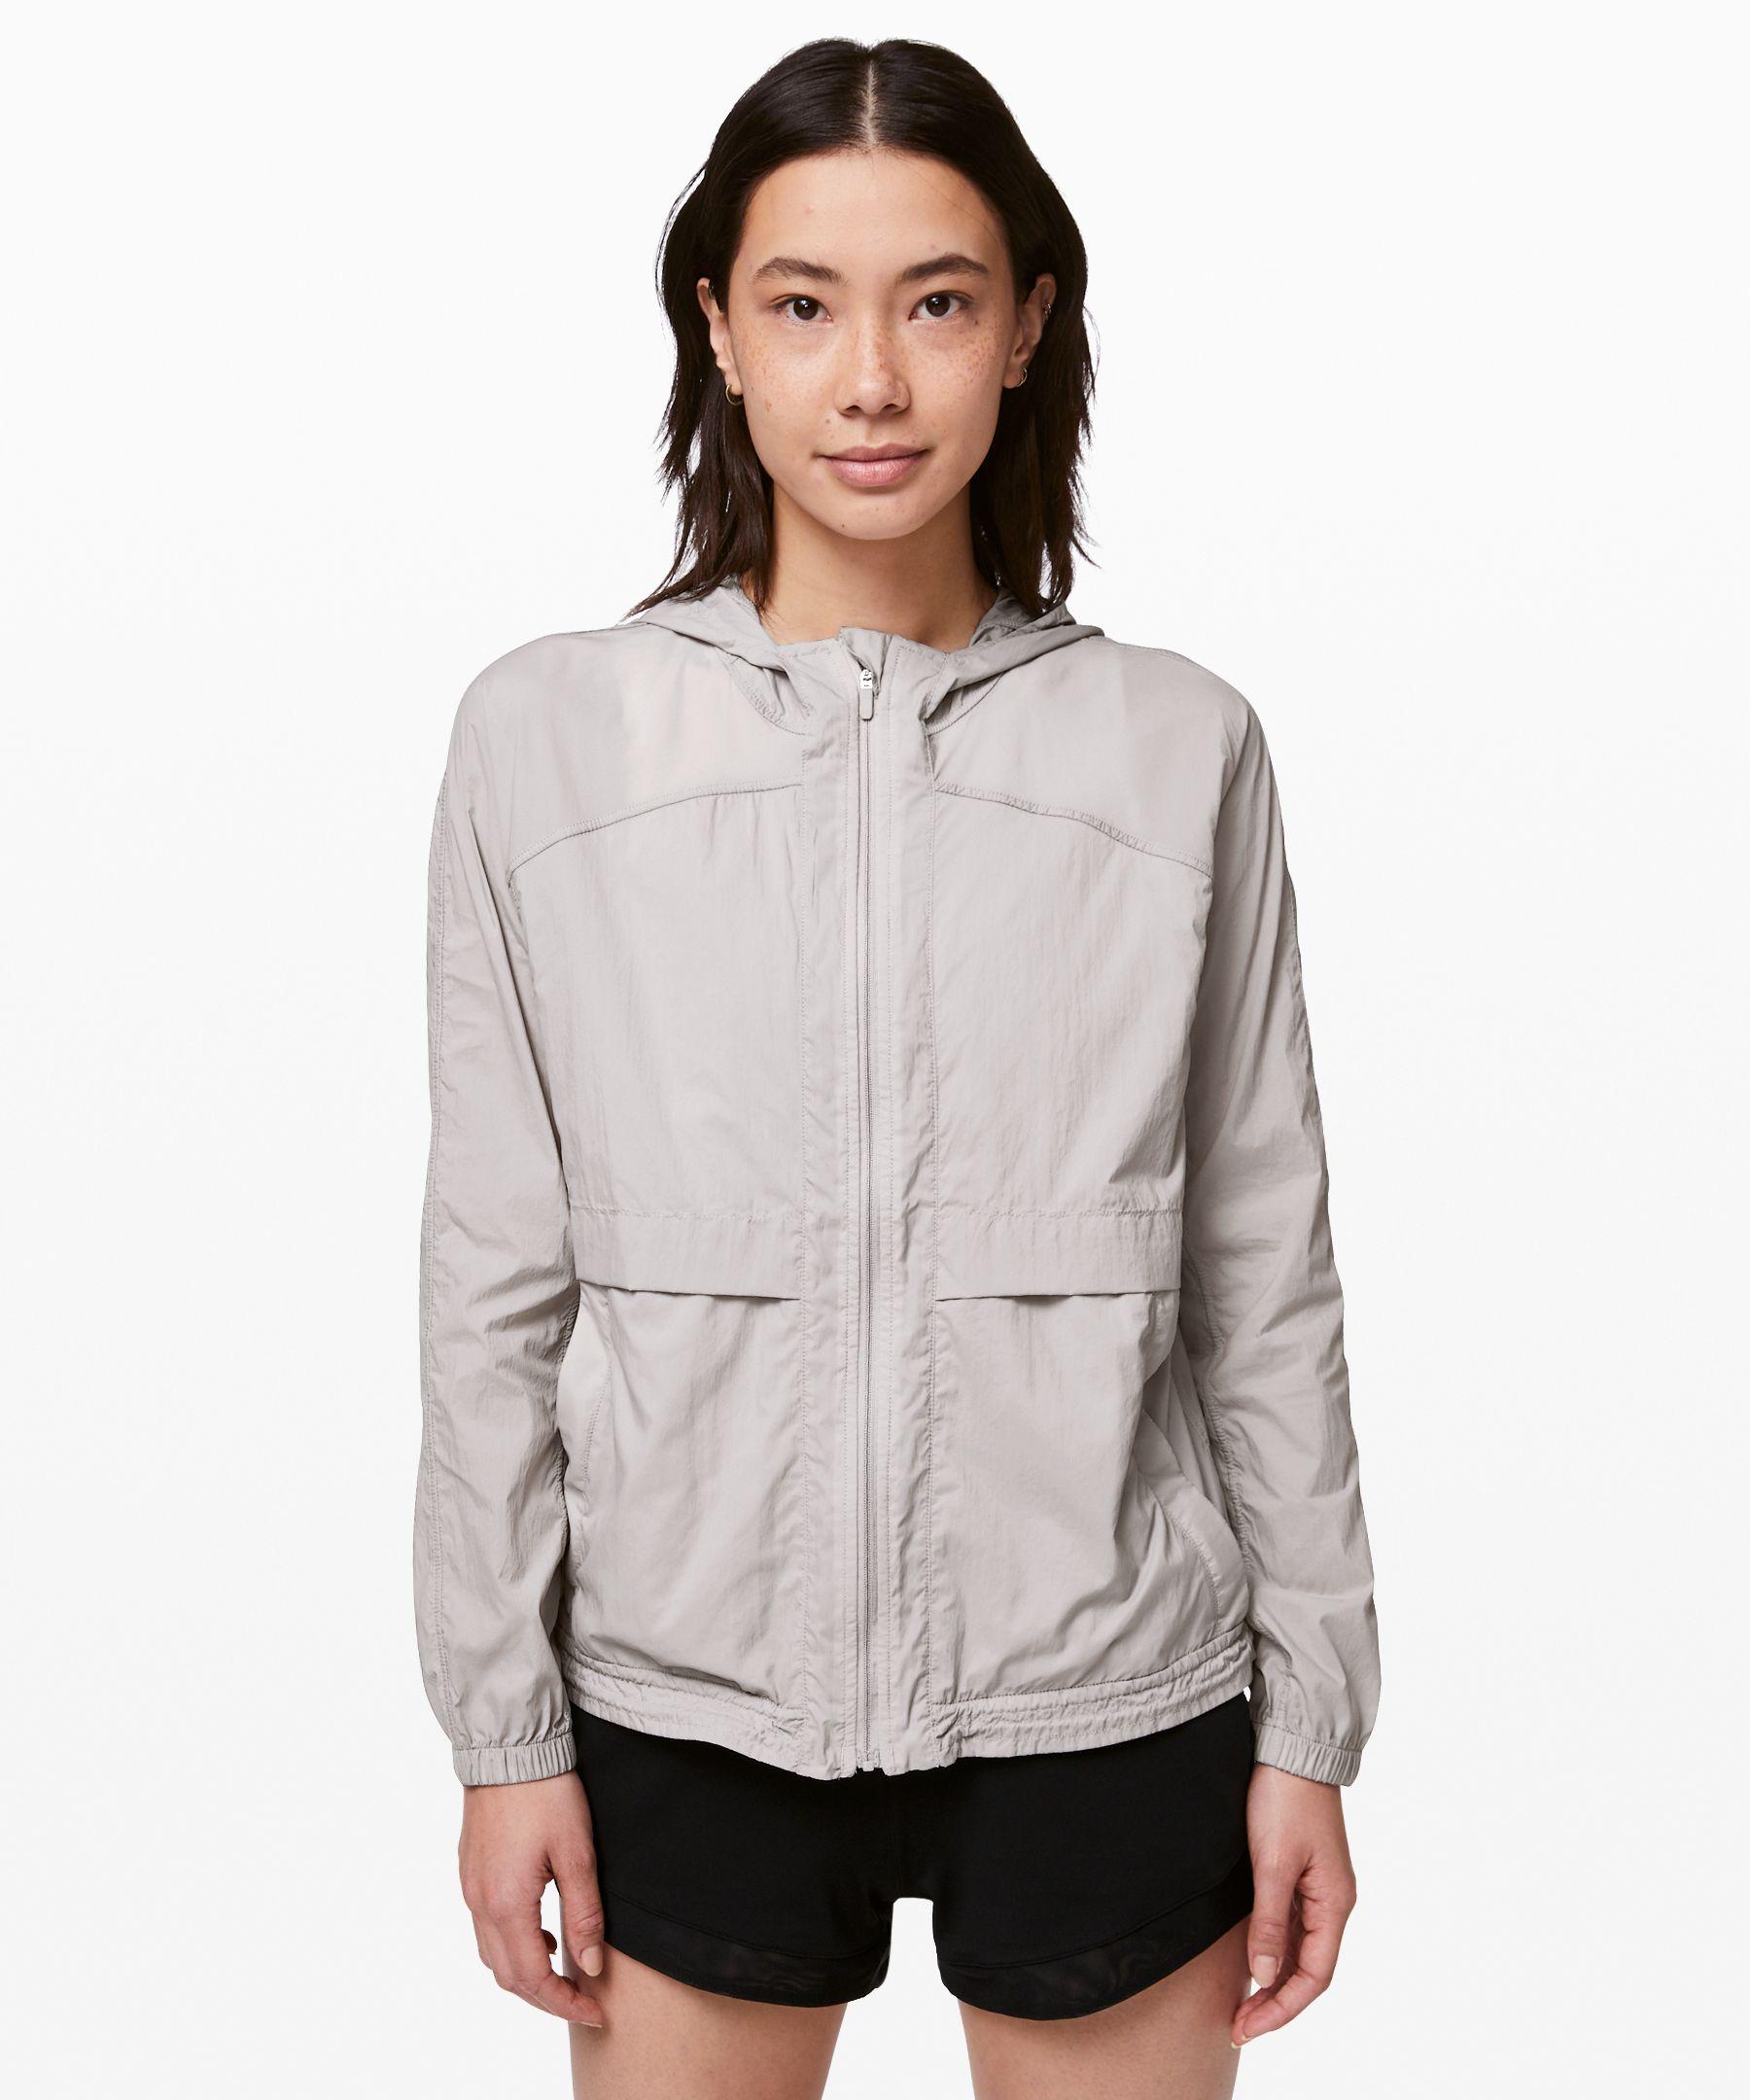 Hood Lite Jacket by Lululemon